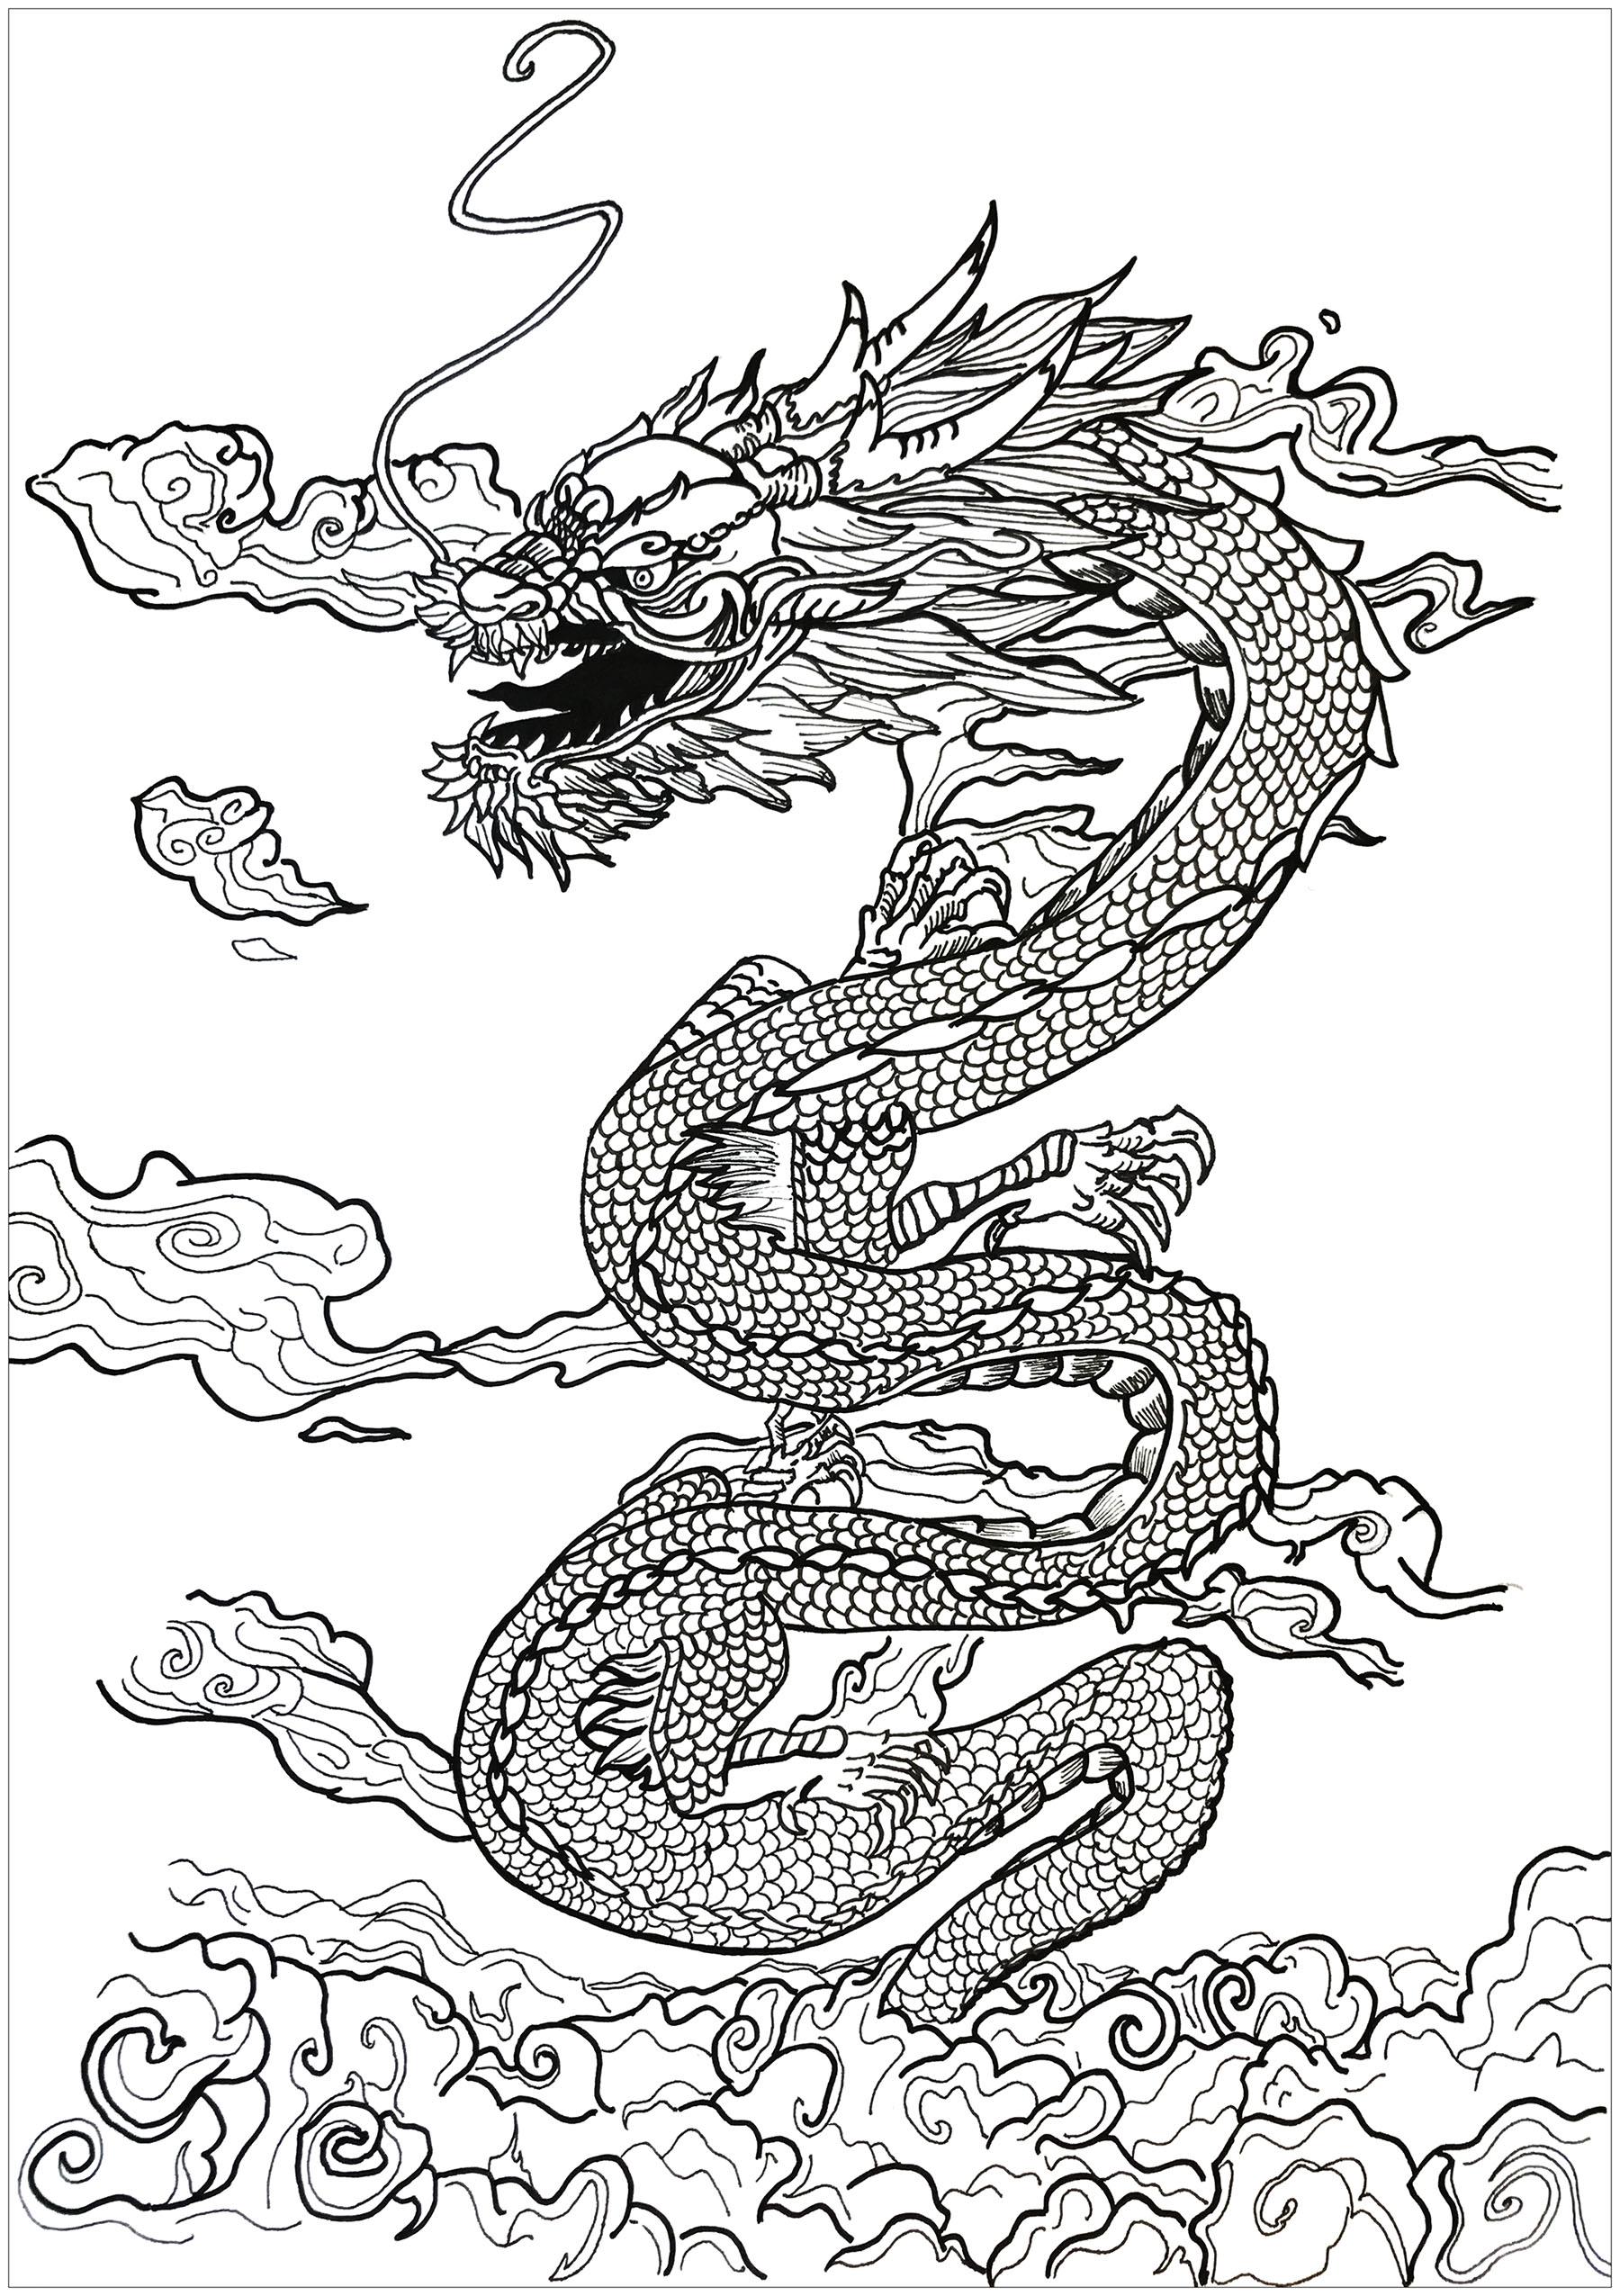 Un incroyable dragon se faufilant entre les nuages, par Alexis